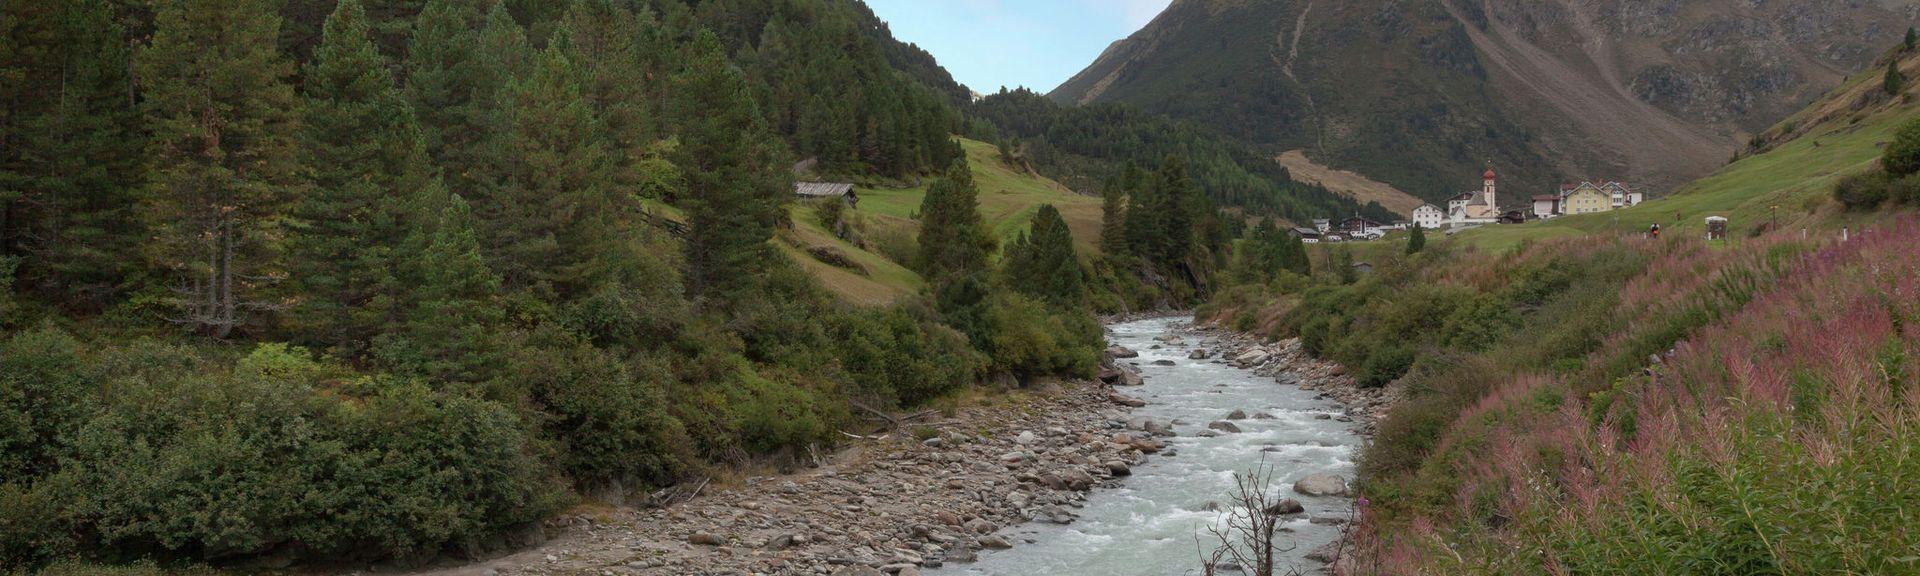 Vent, Tirolo, Austria